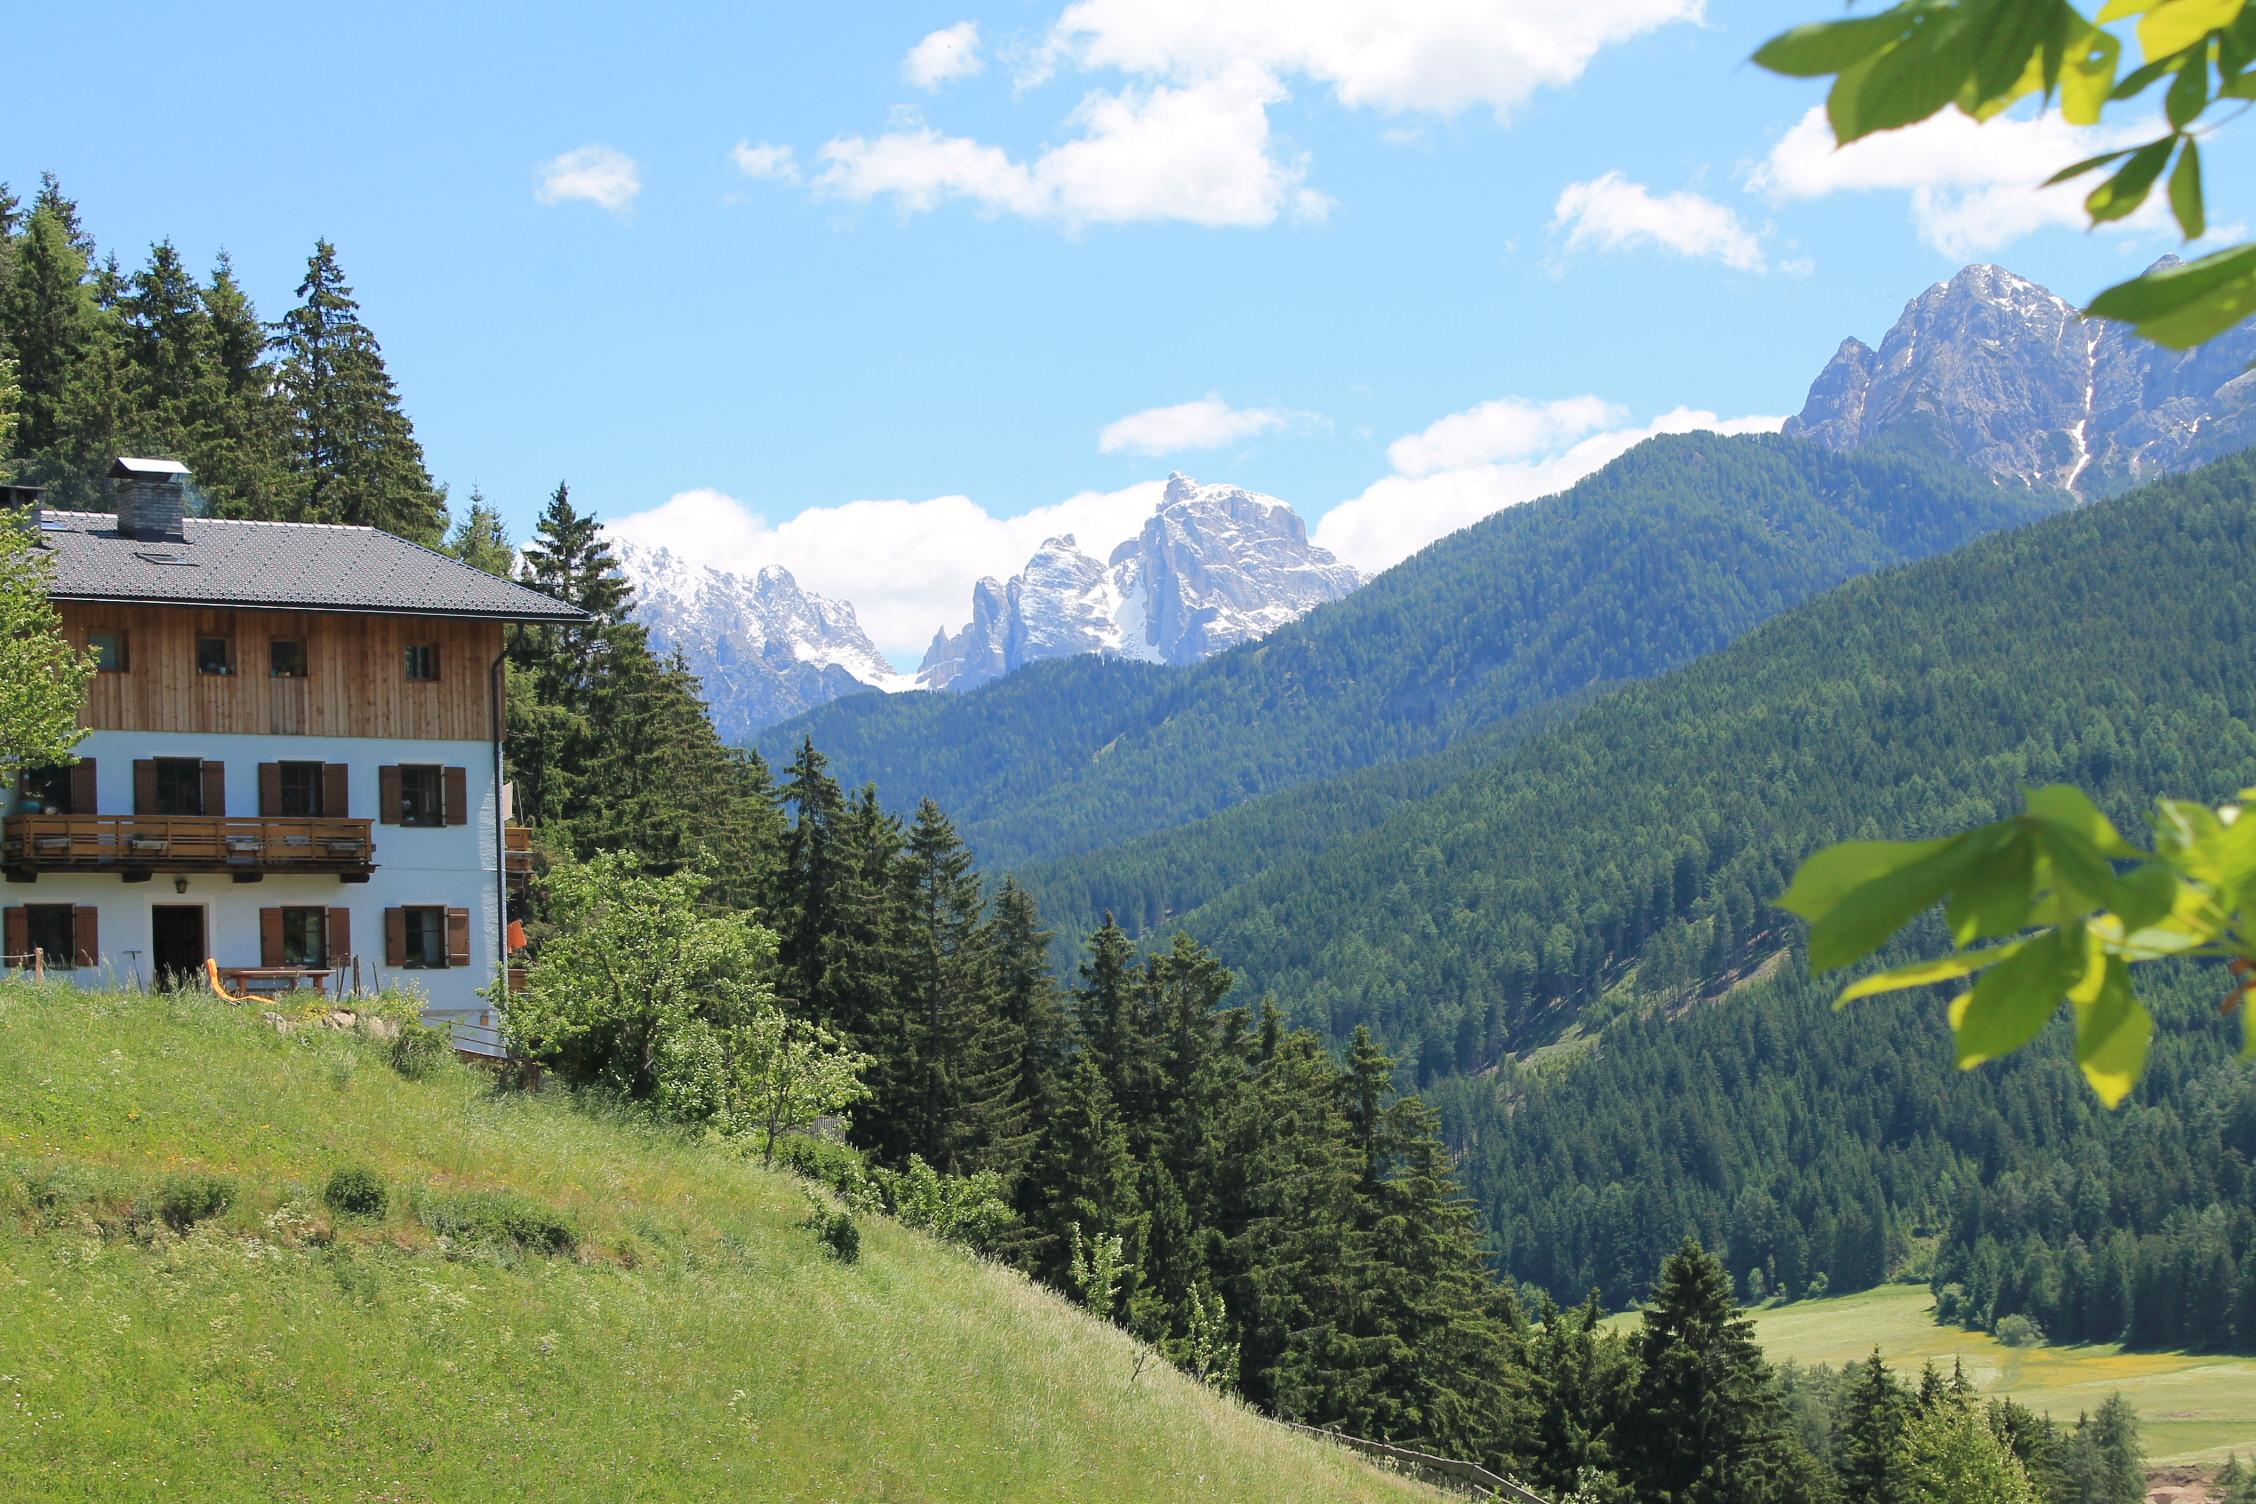 Auf Südtirols Bauernhöfen wie dem Untersteinhof im oberen Pustertal können Gäste authentische Wellnessbehandlungen genießen, Foto: Heiner Sieger